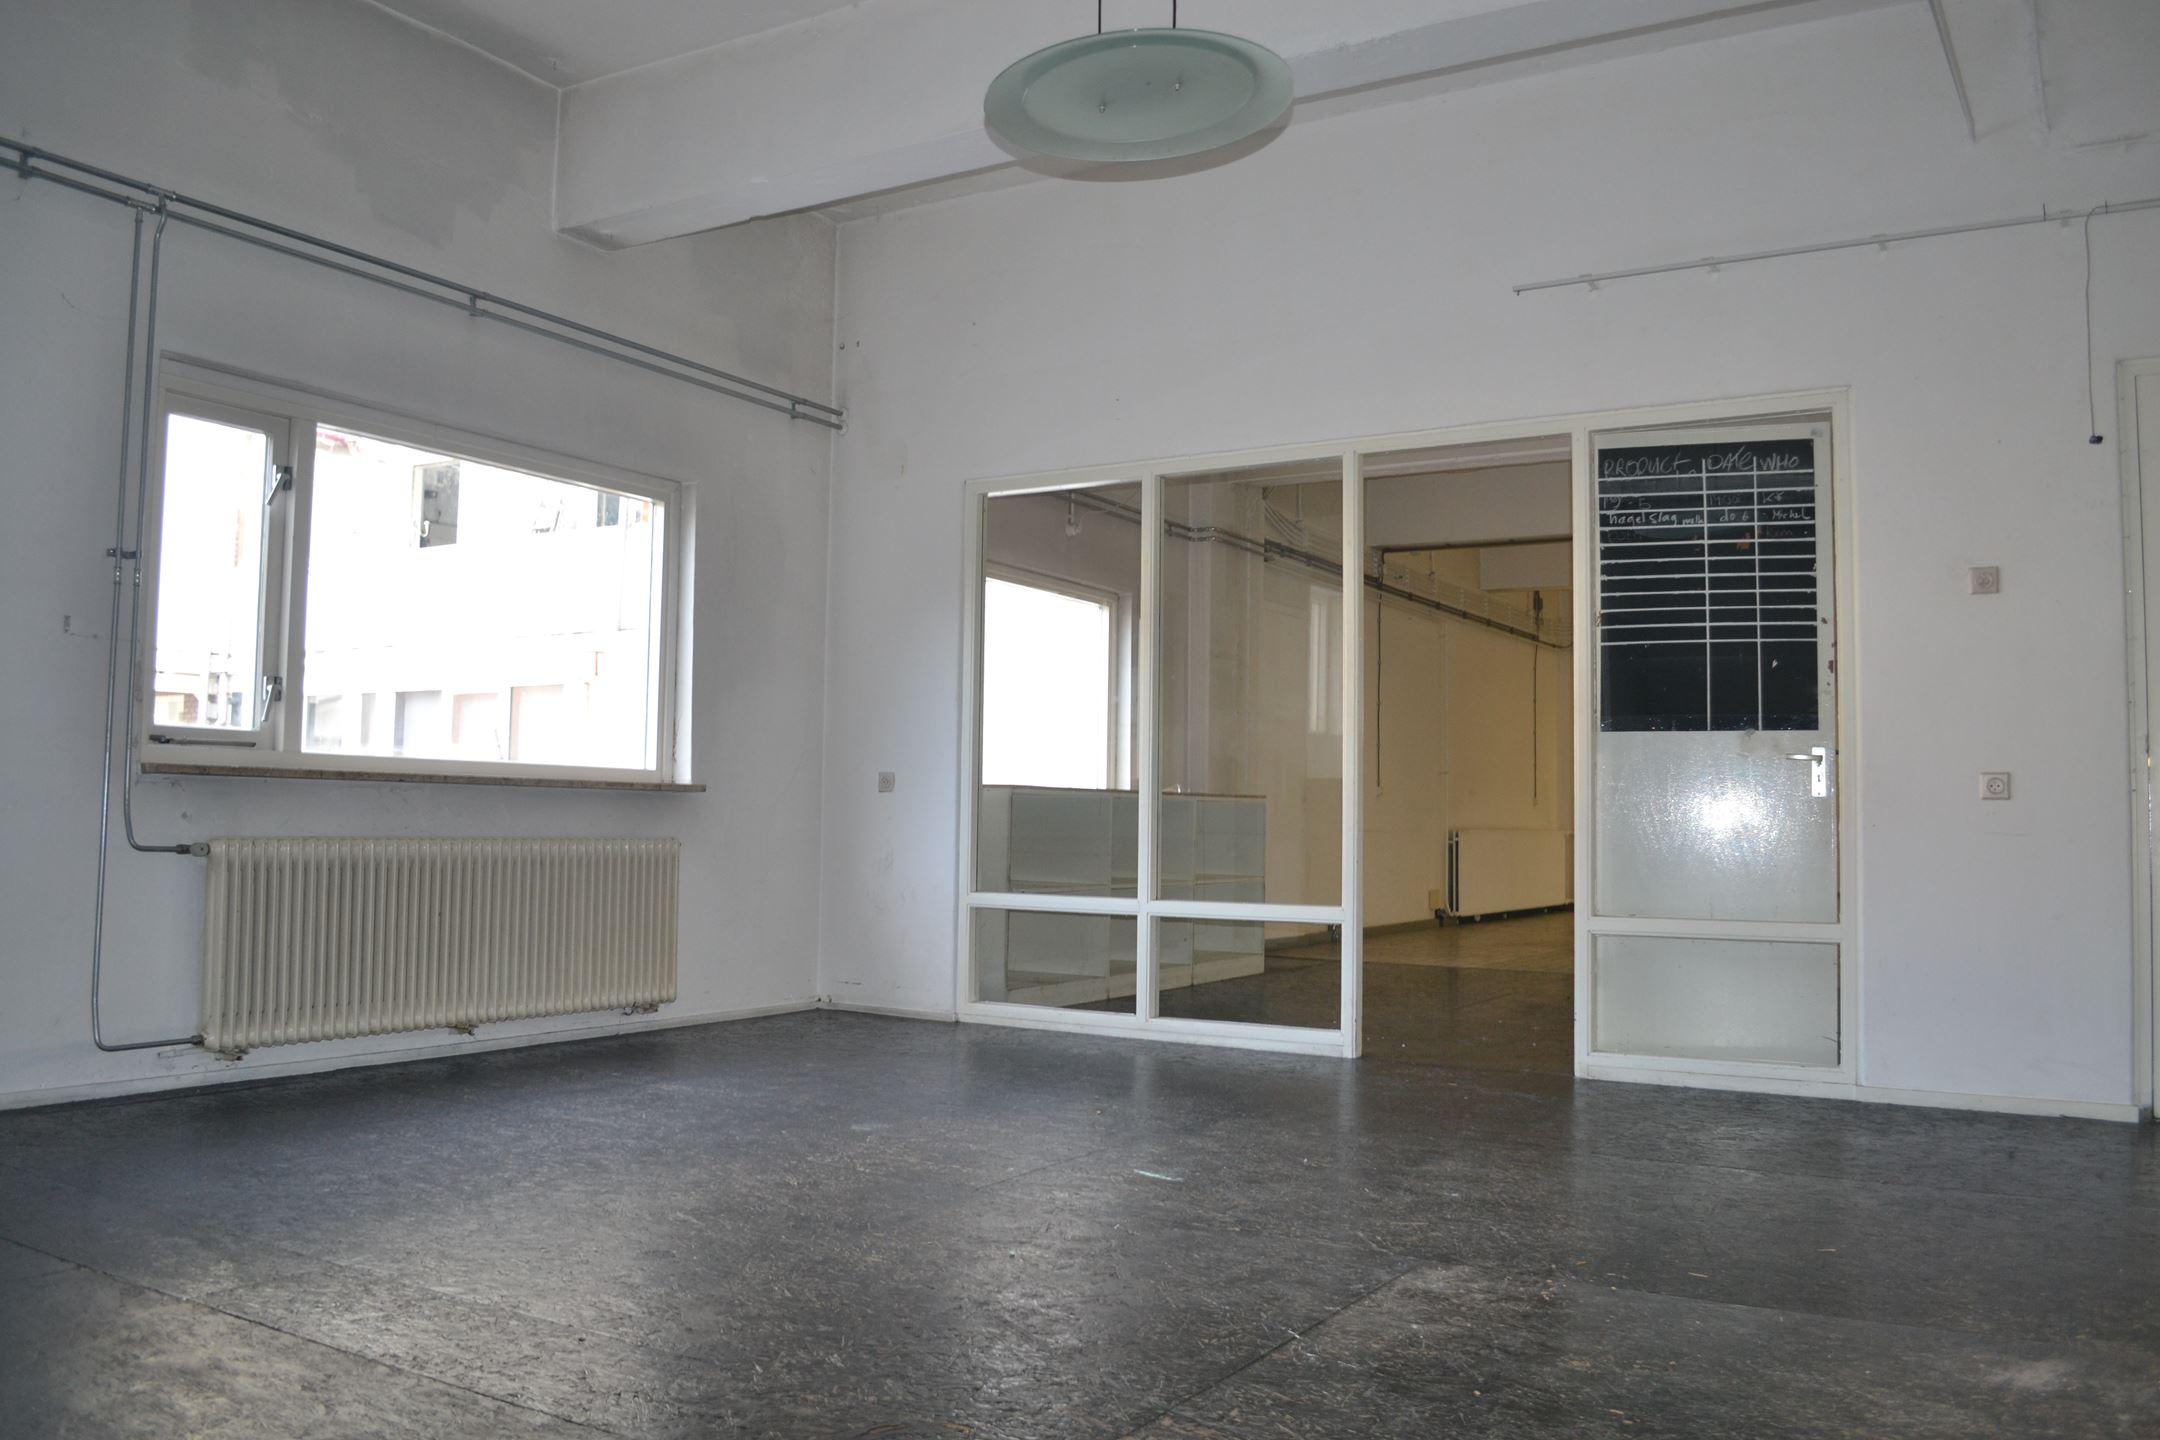 Kantoor Amsterdam | Zoek kantoren te huur: Overtoom 197 1054 HT ...